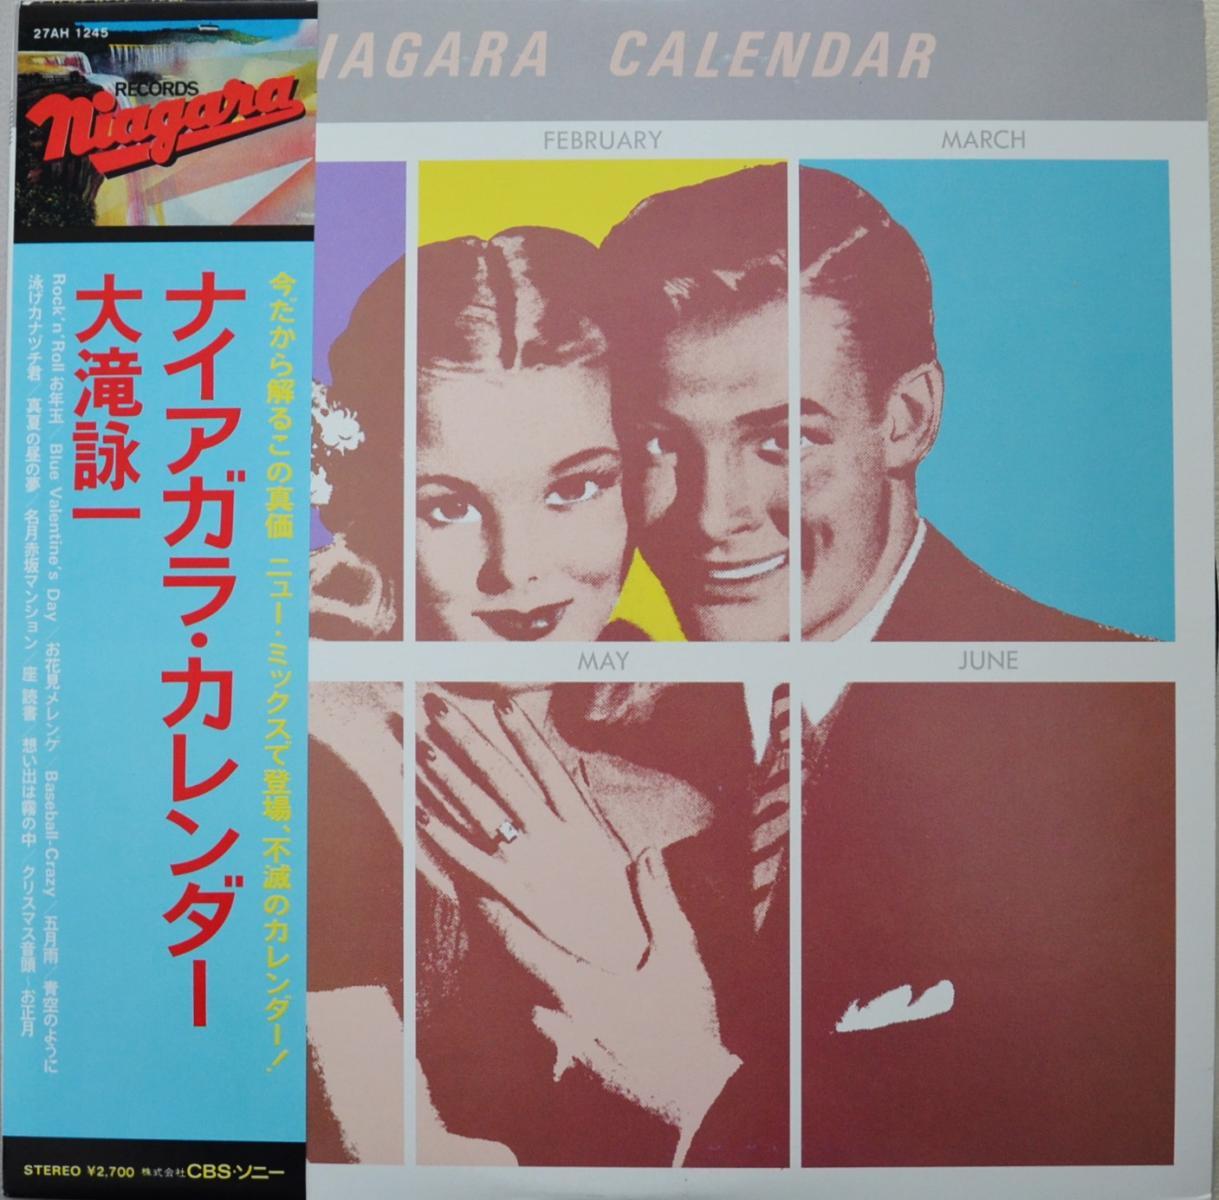 大滝詠一 EIICHI OHTAKI / ナイアガラ・カレンダー NIAGARA CALENDER (LP)